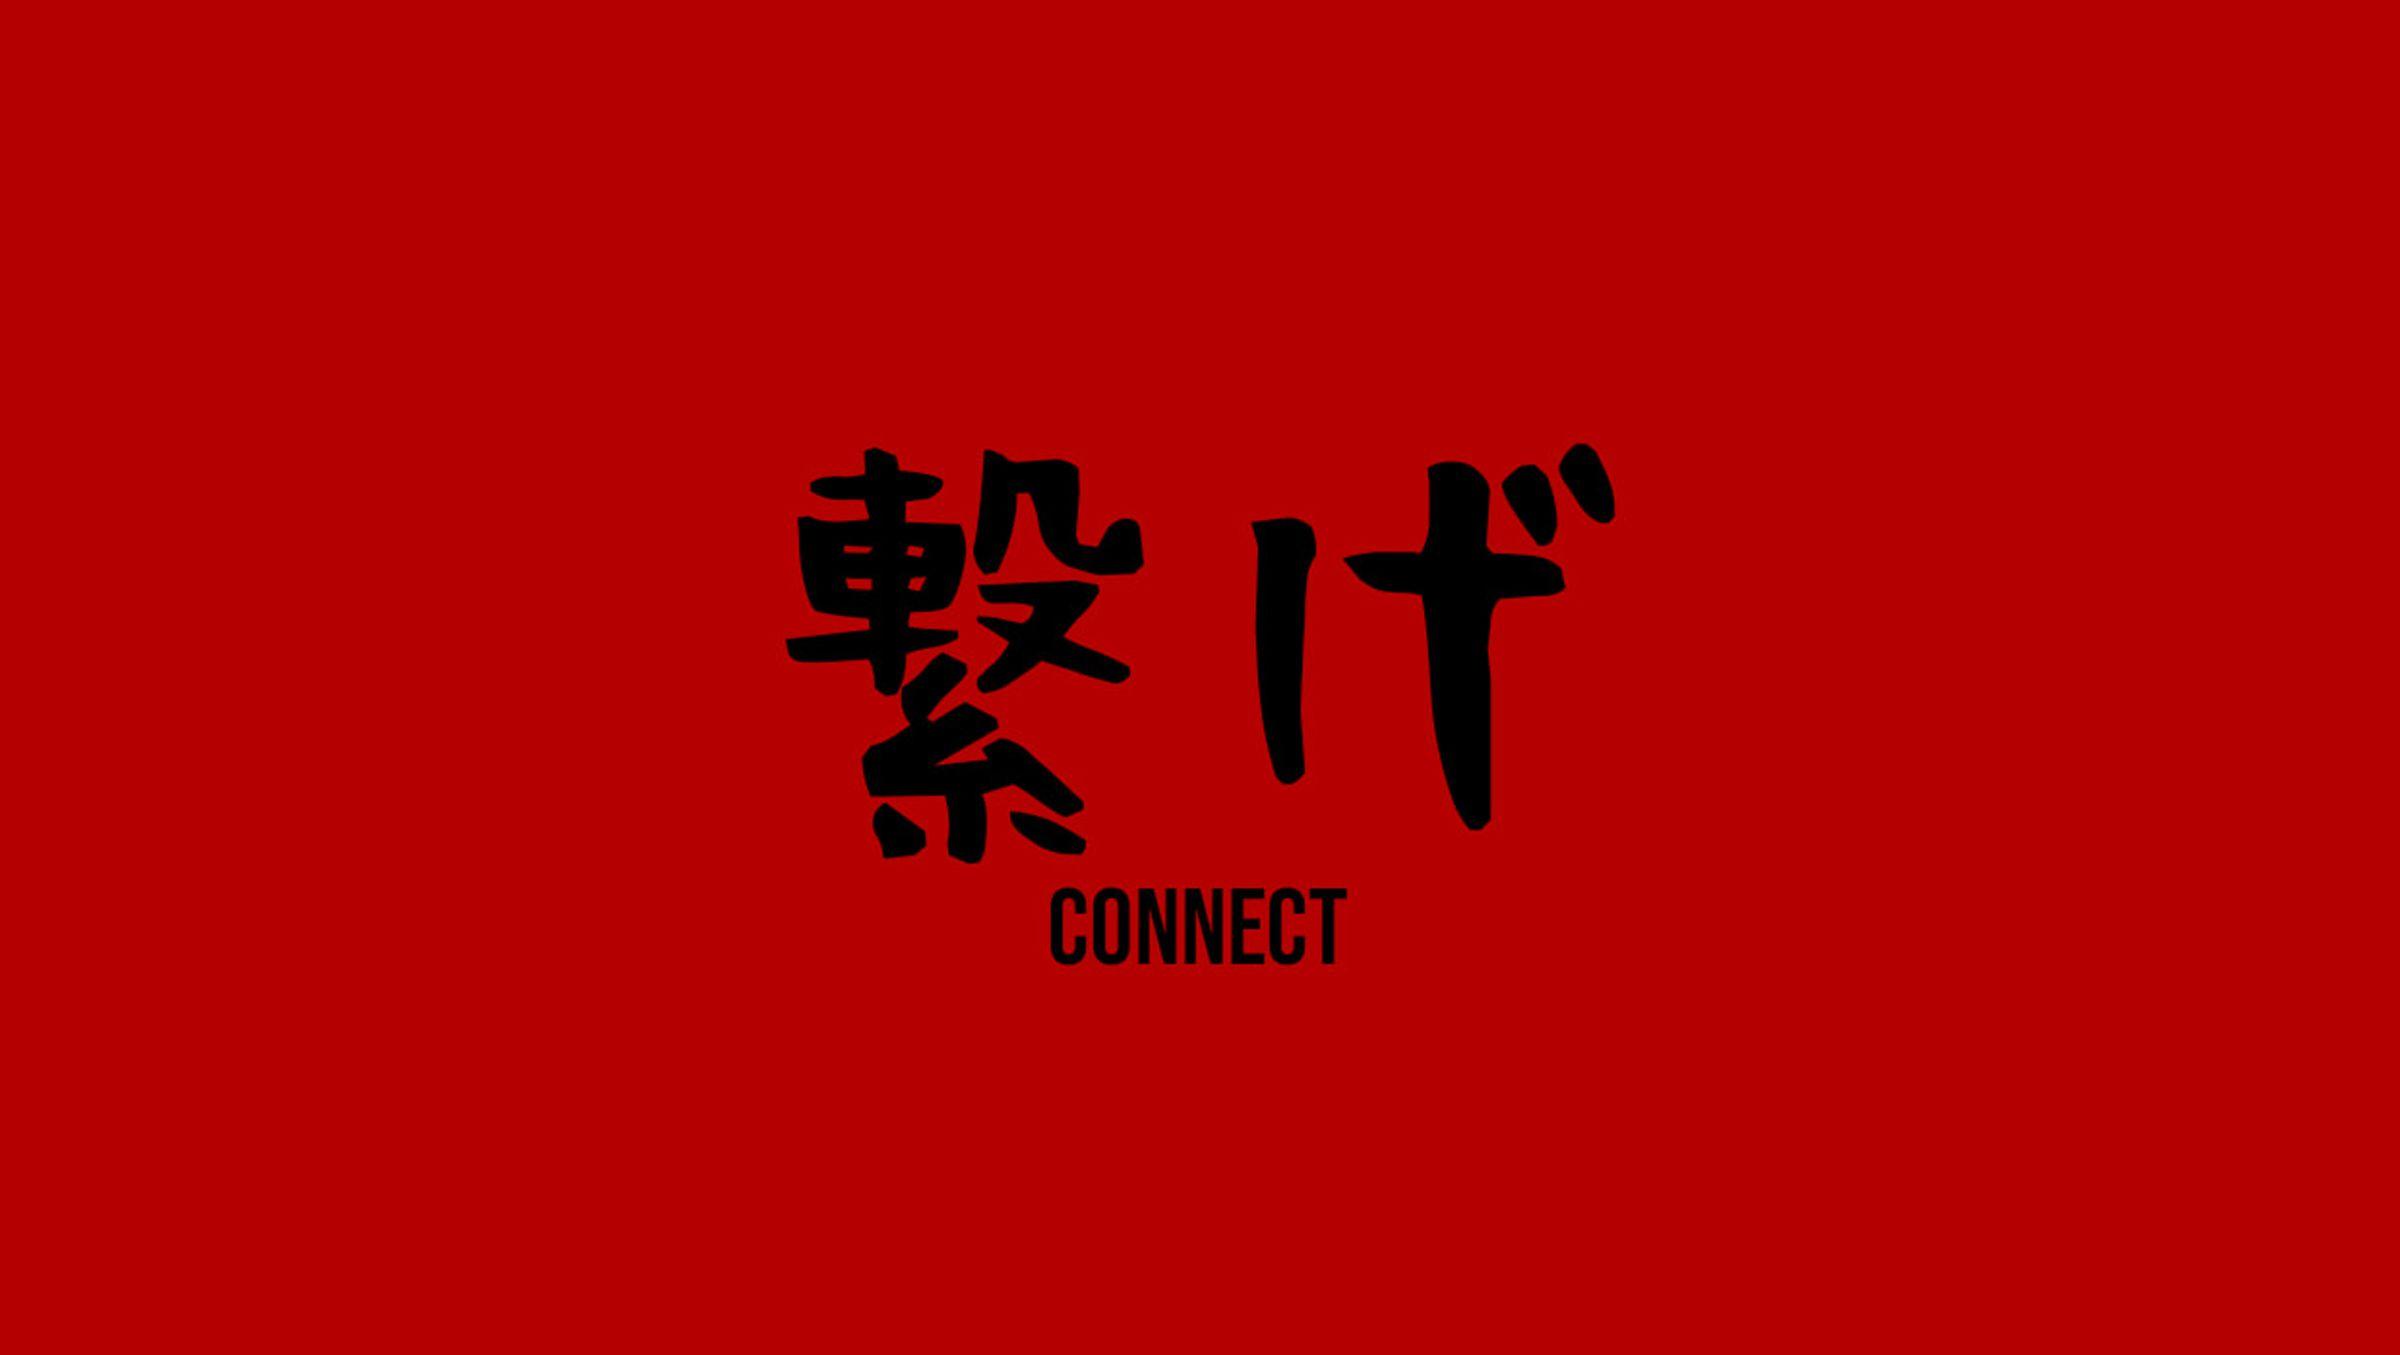 Nekoma Banner From Haikyuu In 2020 Haikyuu Nekoma Haikyuu Haikyuu Wallpaper